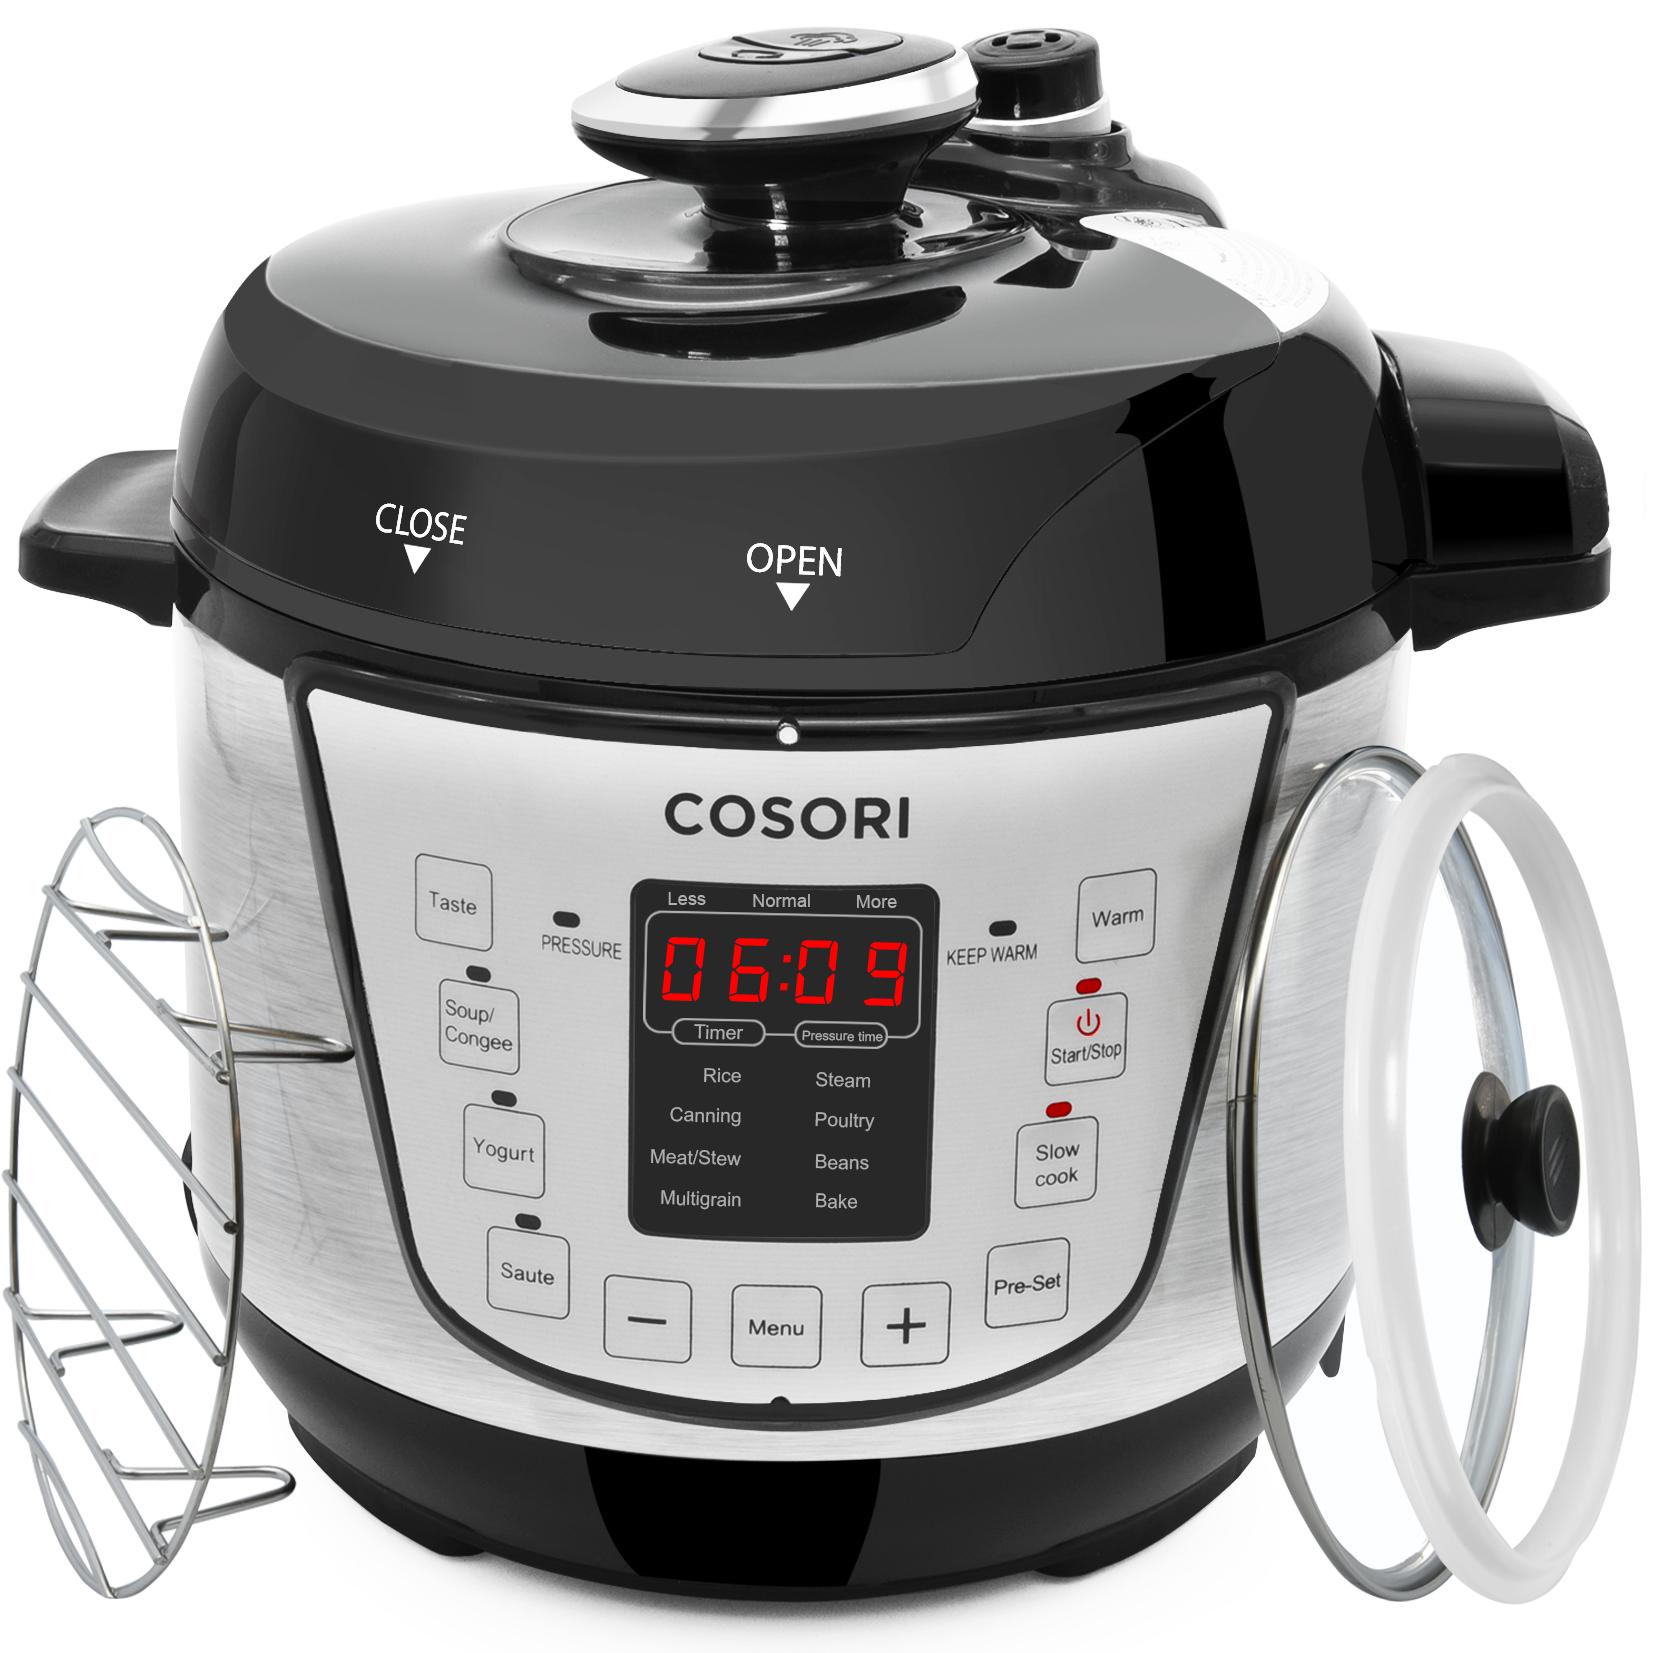 1.0_CA_HOHASA06EC_Cosori Electric Pressure Cooker C2120-PC.jpg